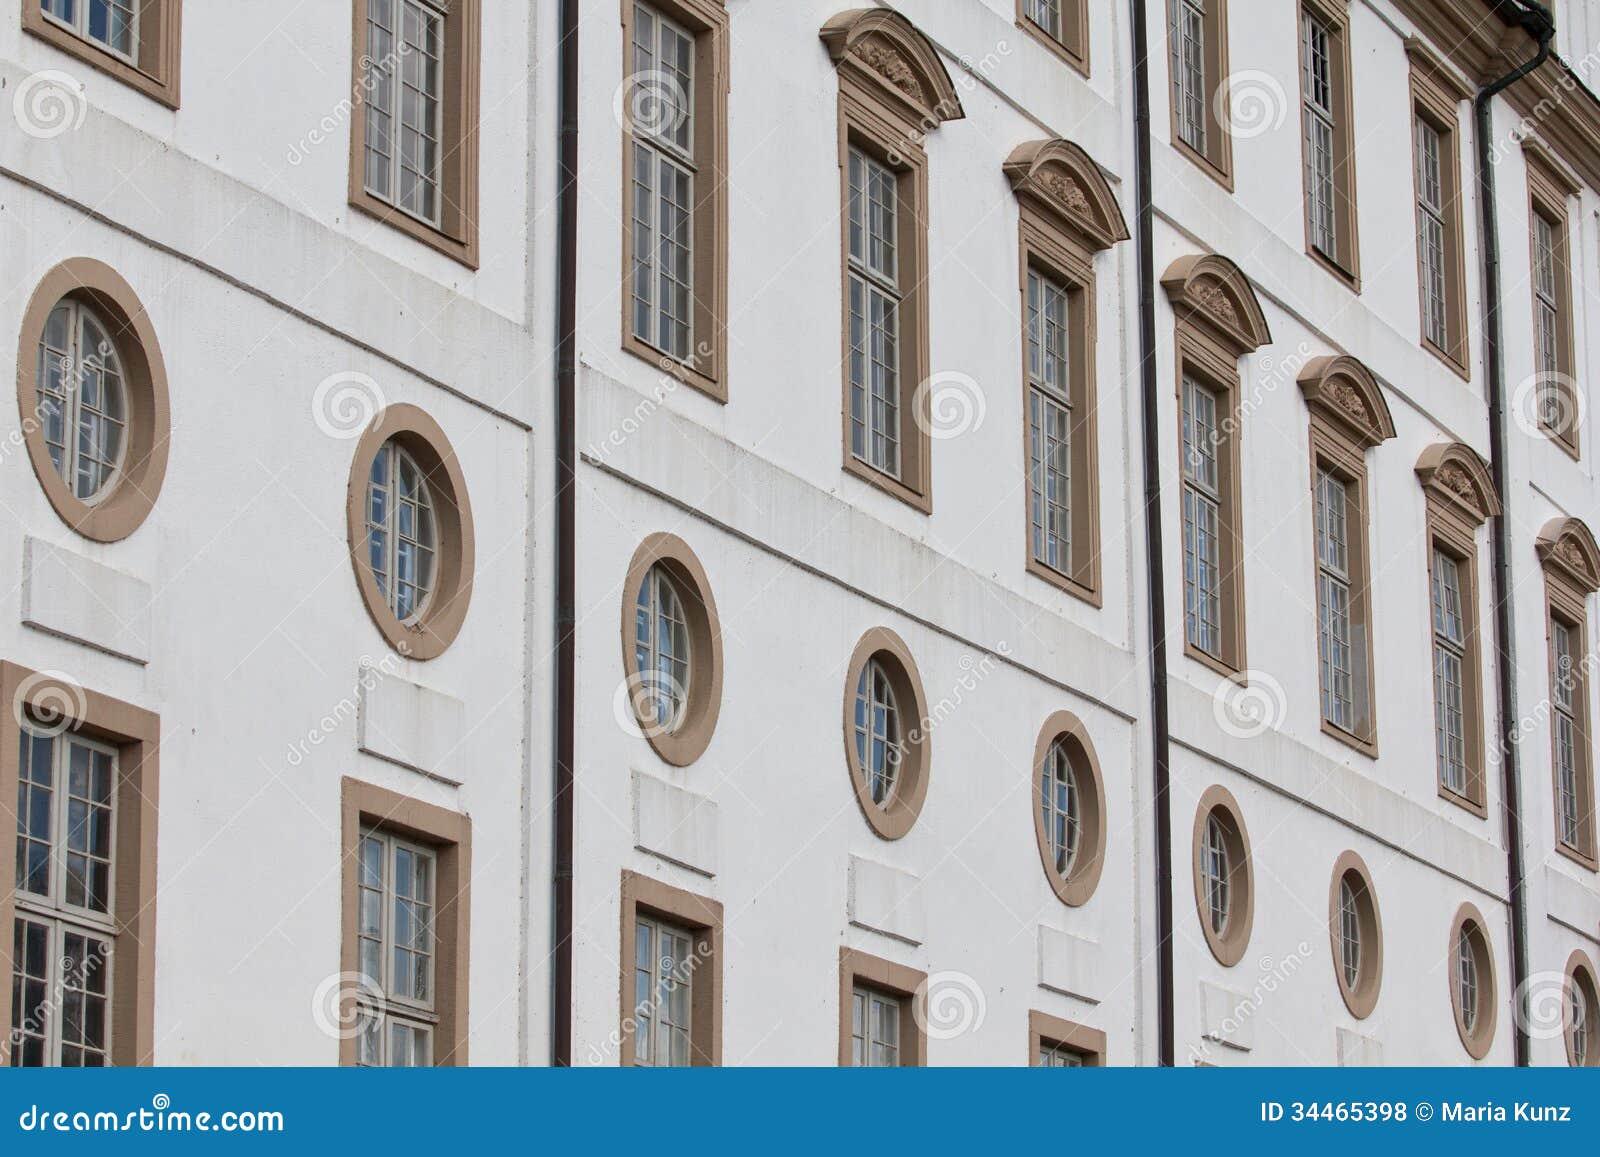 Fönster för gammal stil arkivfoto. Bild av garnering - 34465398